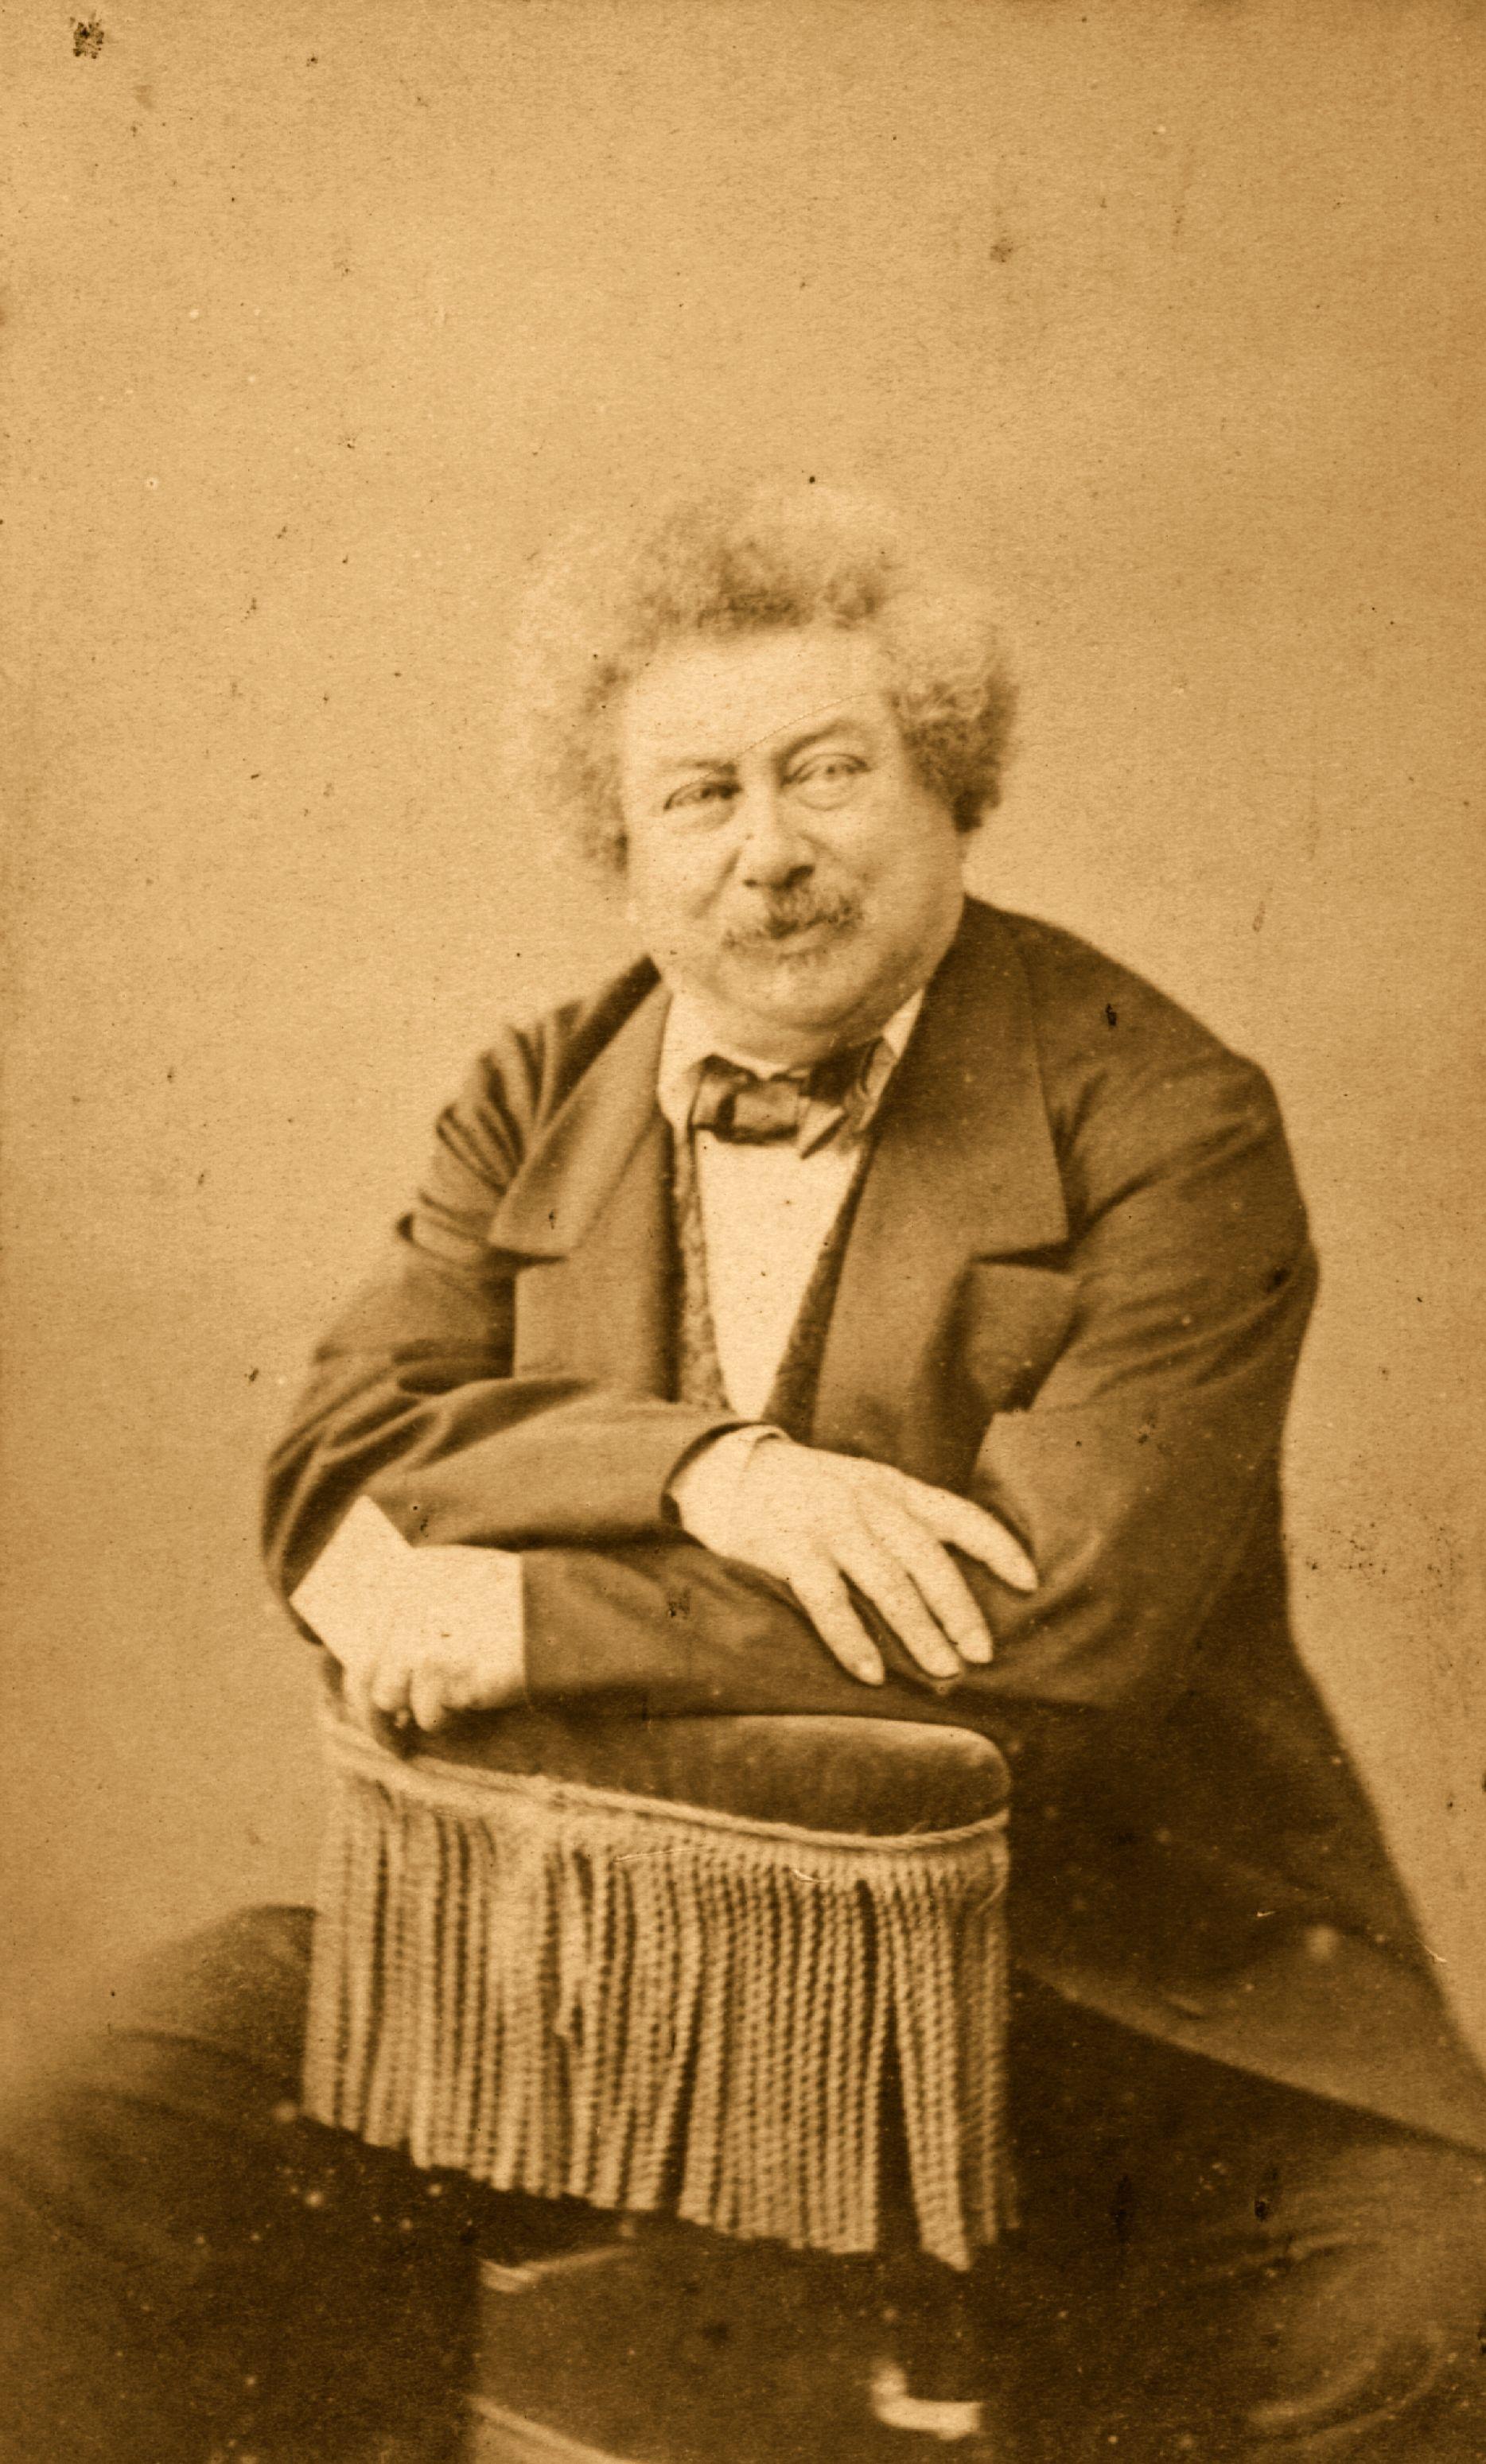 Alexandre Dumas son